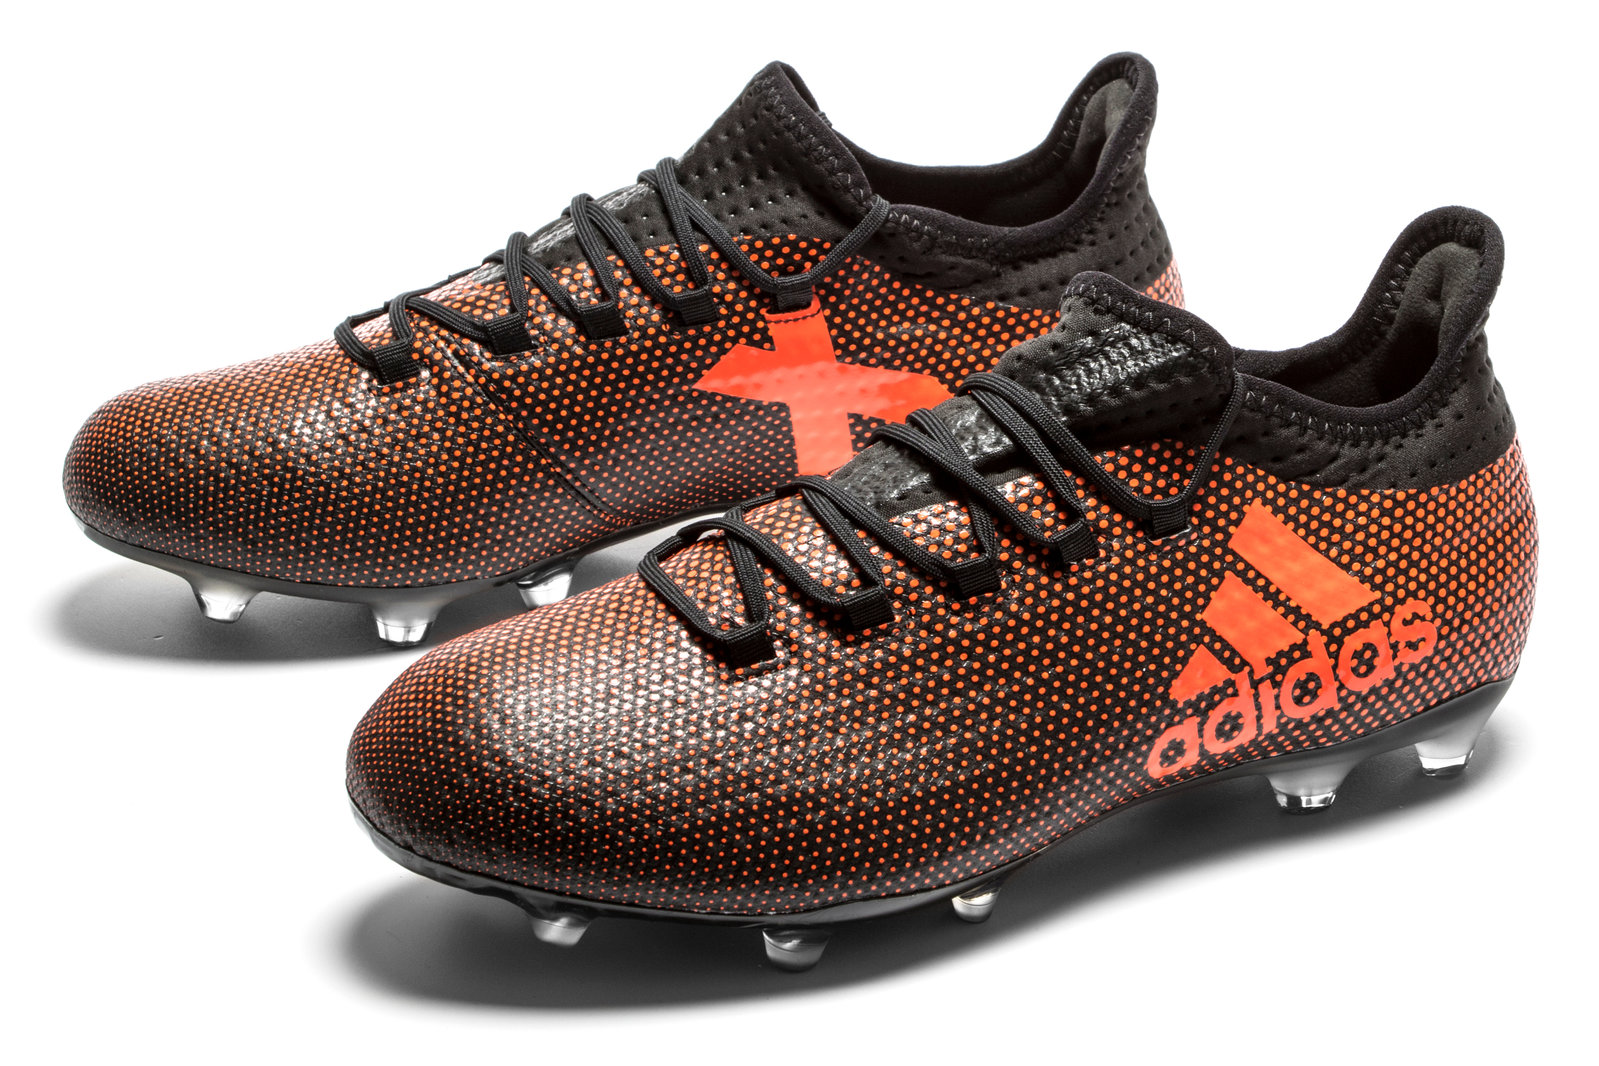 af6b8ea68544 adidas X 17.2 FG Football Boots | eBay